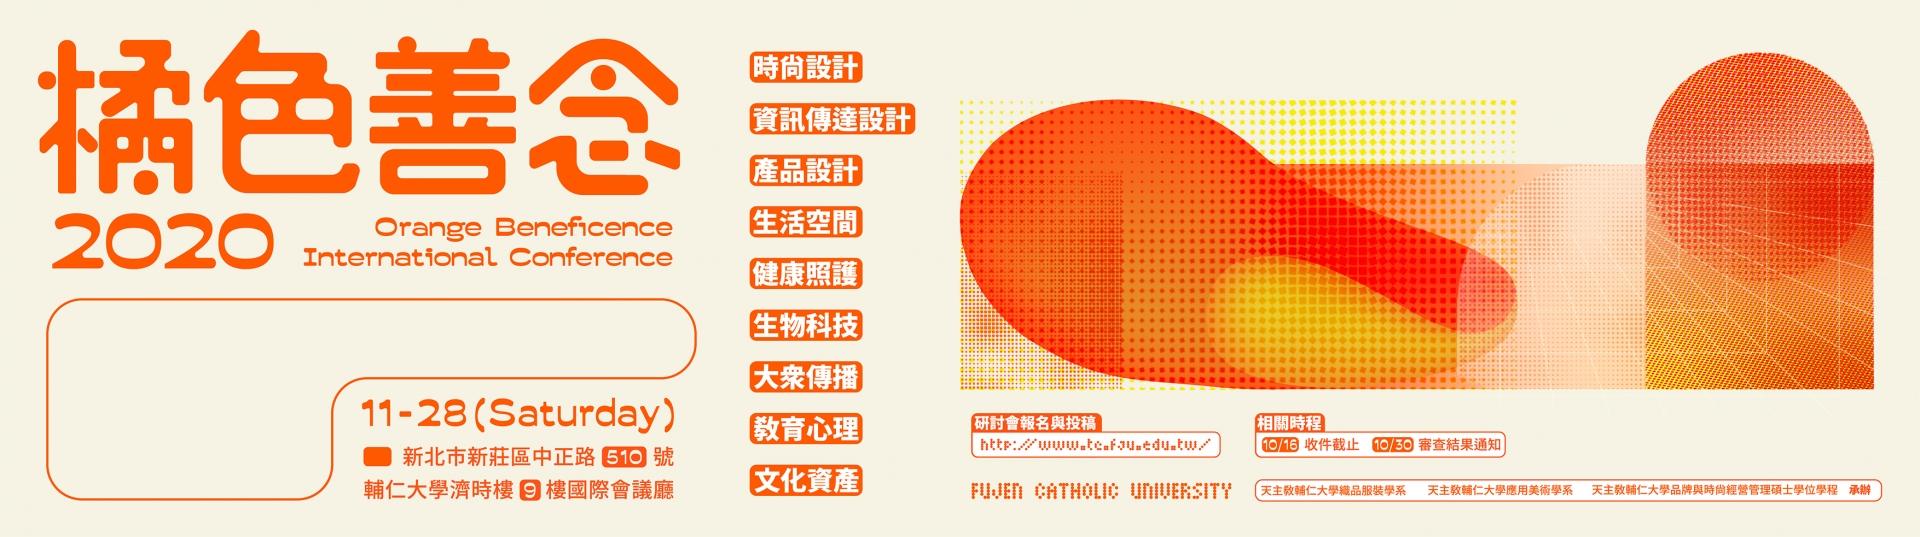 2020 橘色善念國際研討會 徵稿!